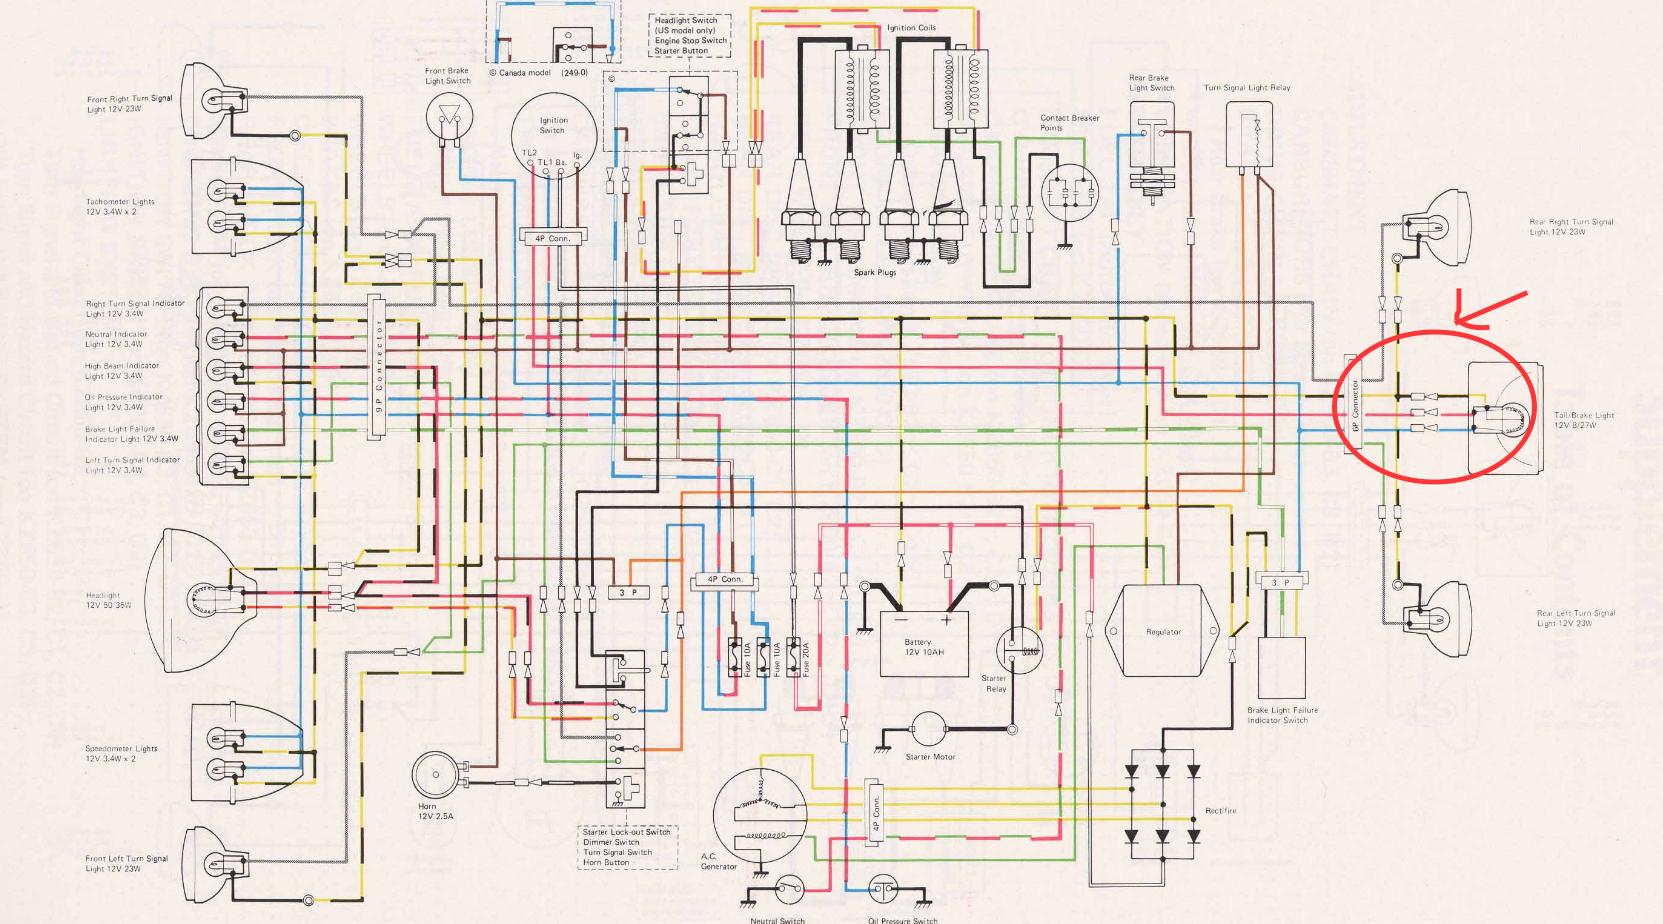 zx6e wiring diagram wiring issue kawasaki kz 650 pin connectors kzrider forum  kawasaki kz 650 pin connectors